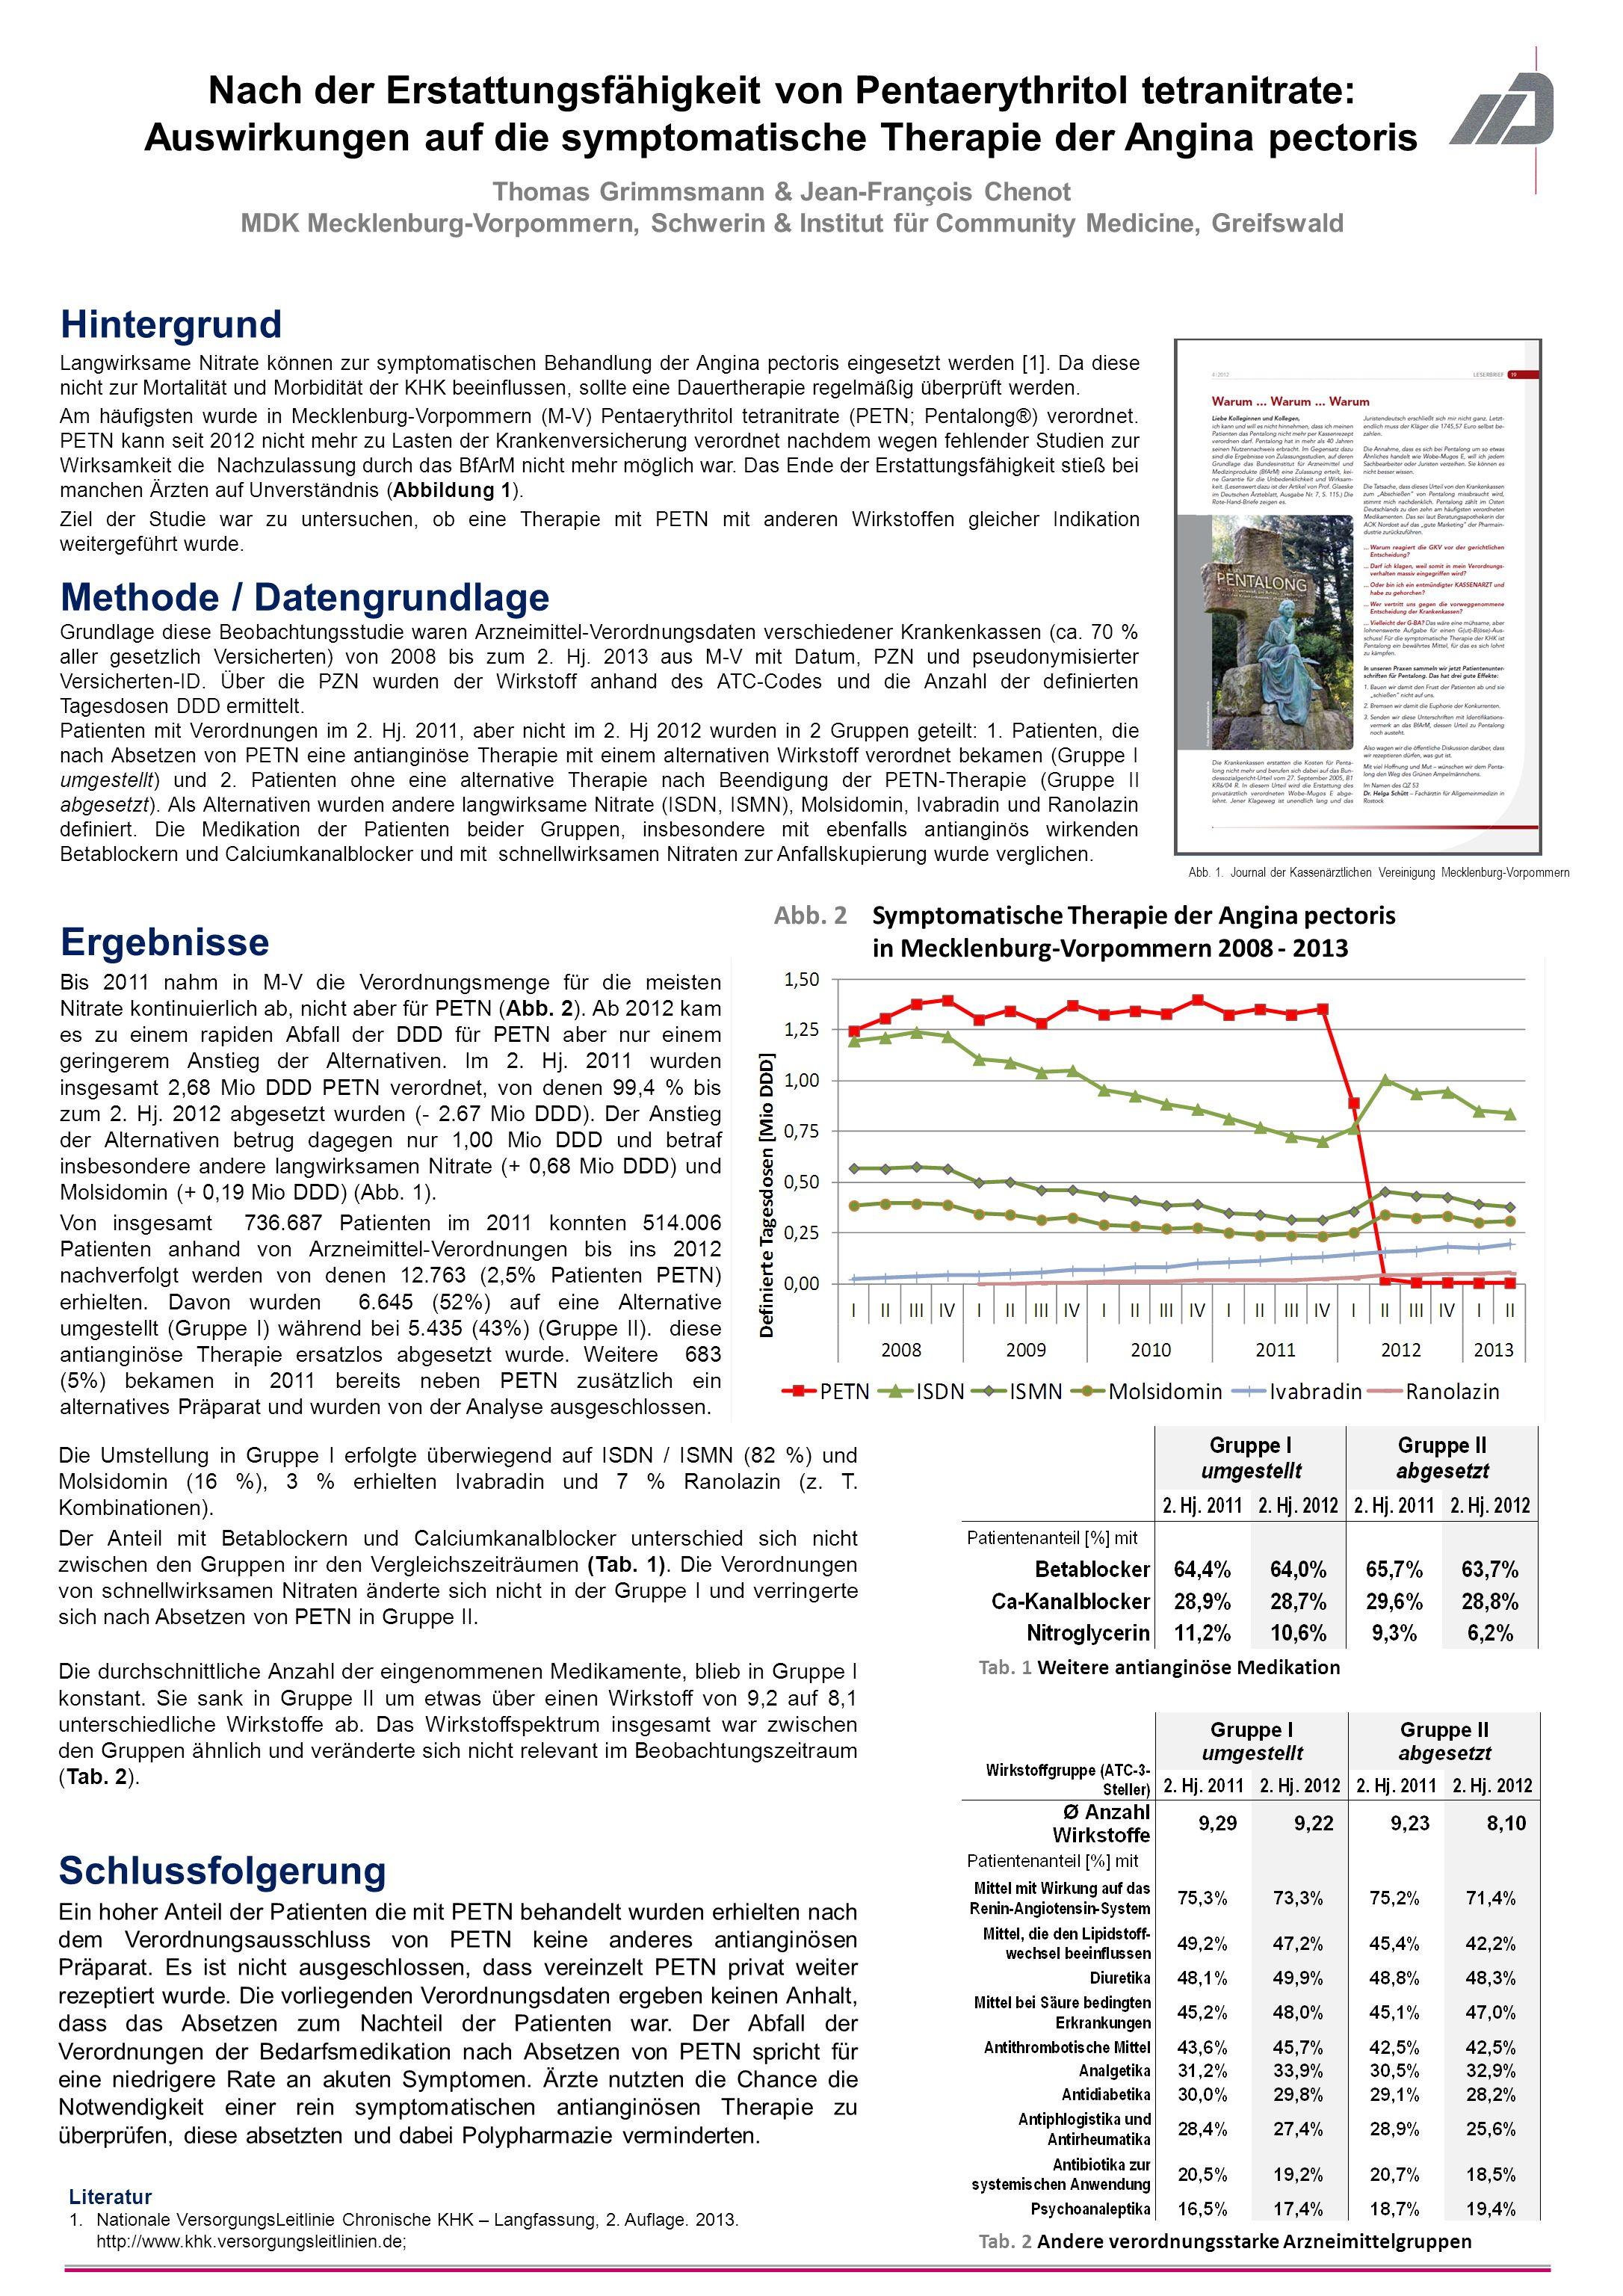 Nach der Erstattungsfähigkeit von Pentaerythritol tetranitrate: Auswirkungen auf die symptomatische Therapie der Angina pectoris Thomas Grimmsmann & J